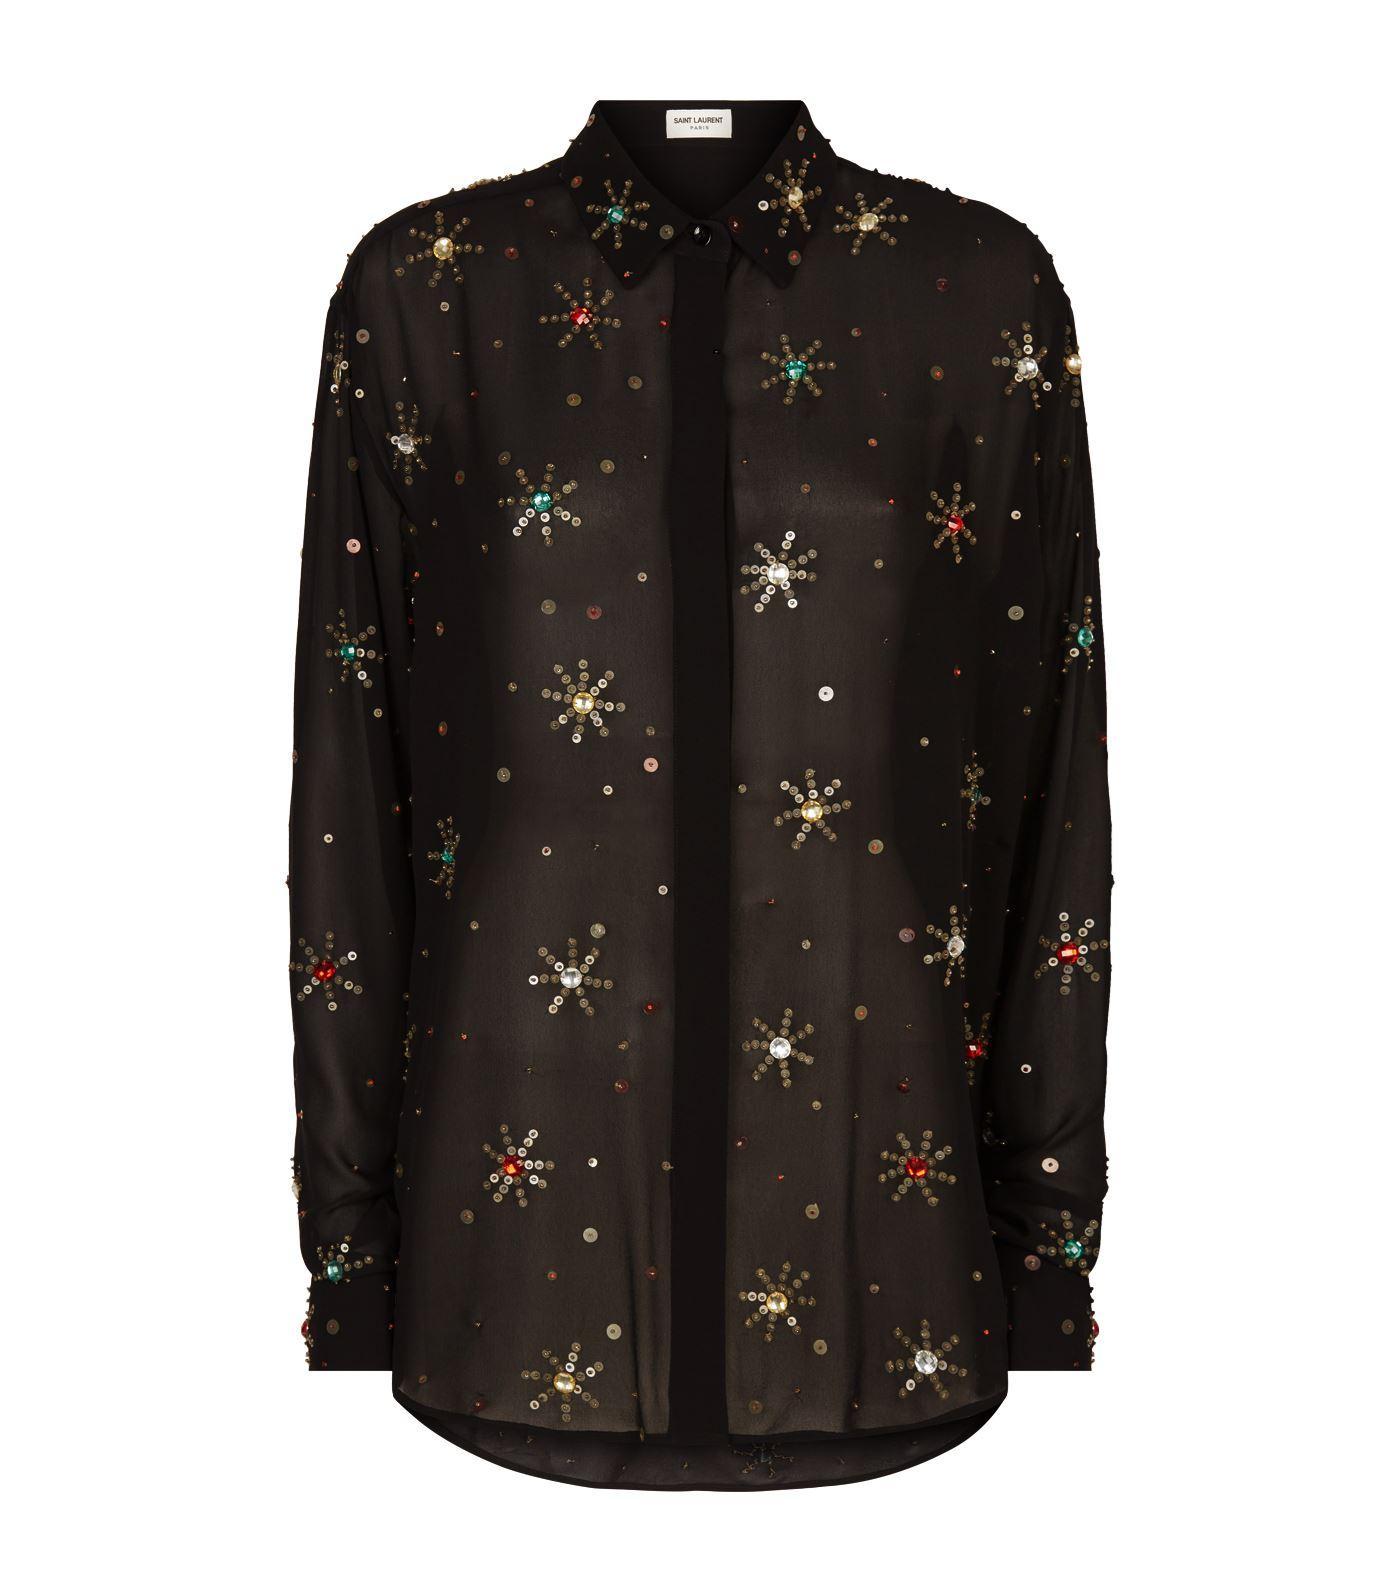 673f09db00e8c6 Saint Laurent - Black Embellished Blouse - Lyst. View fullscreen